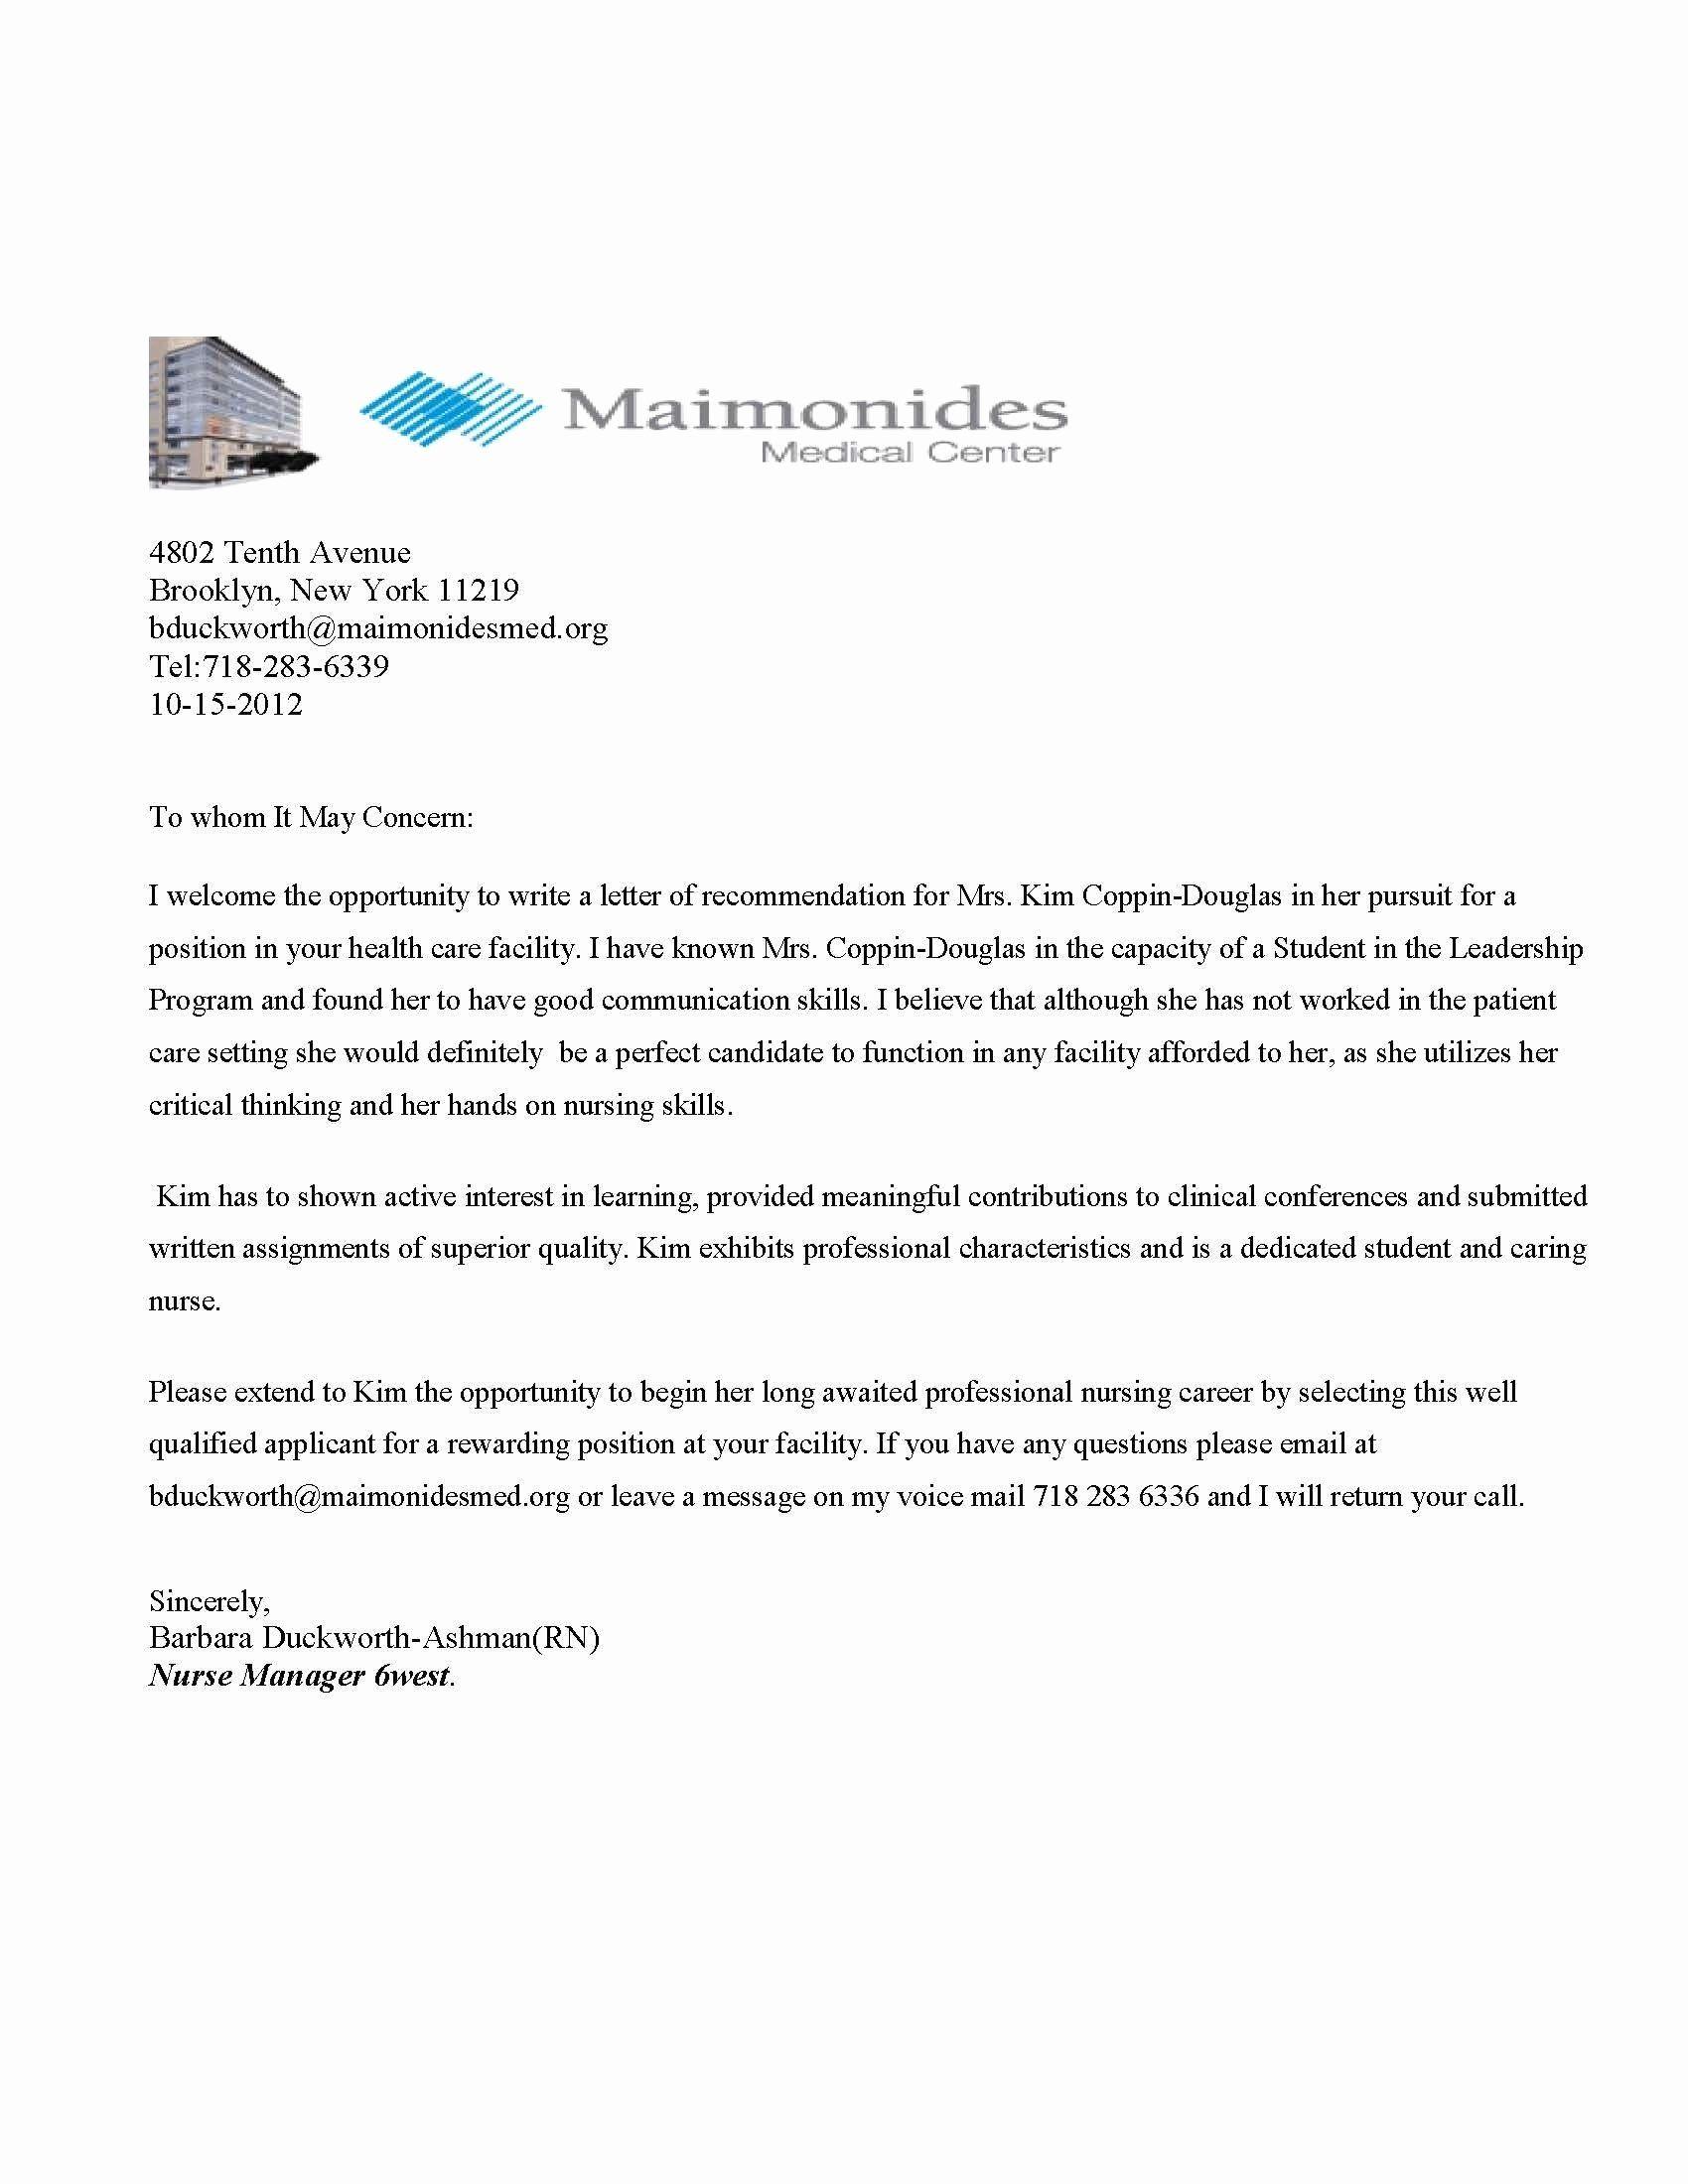 Referral Letter Sample Medical